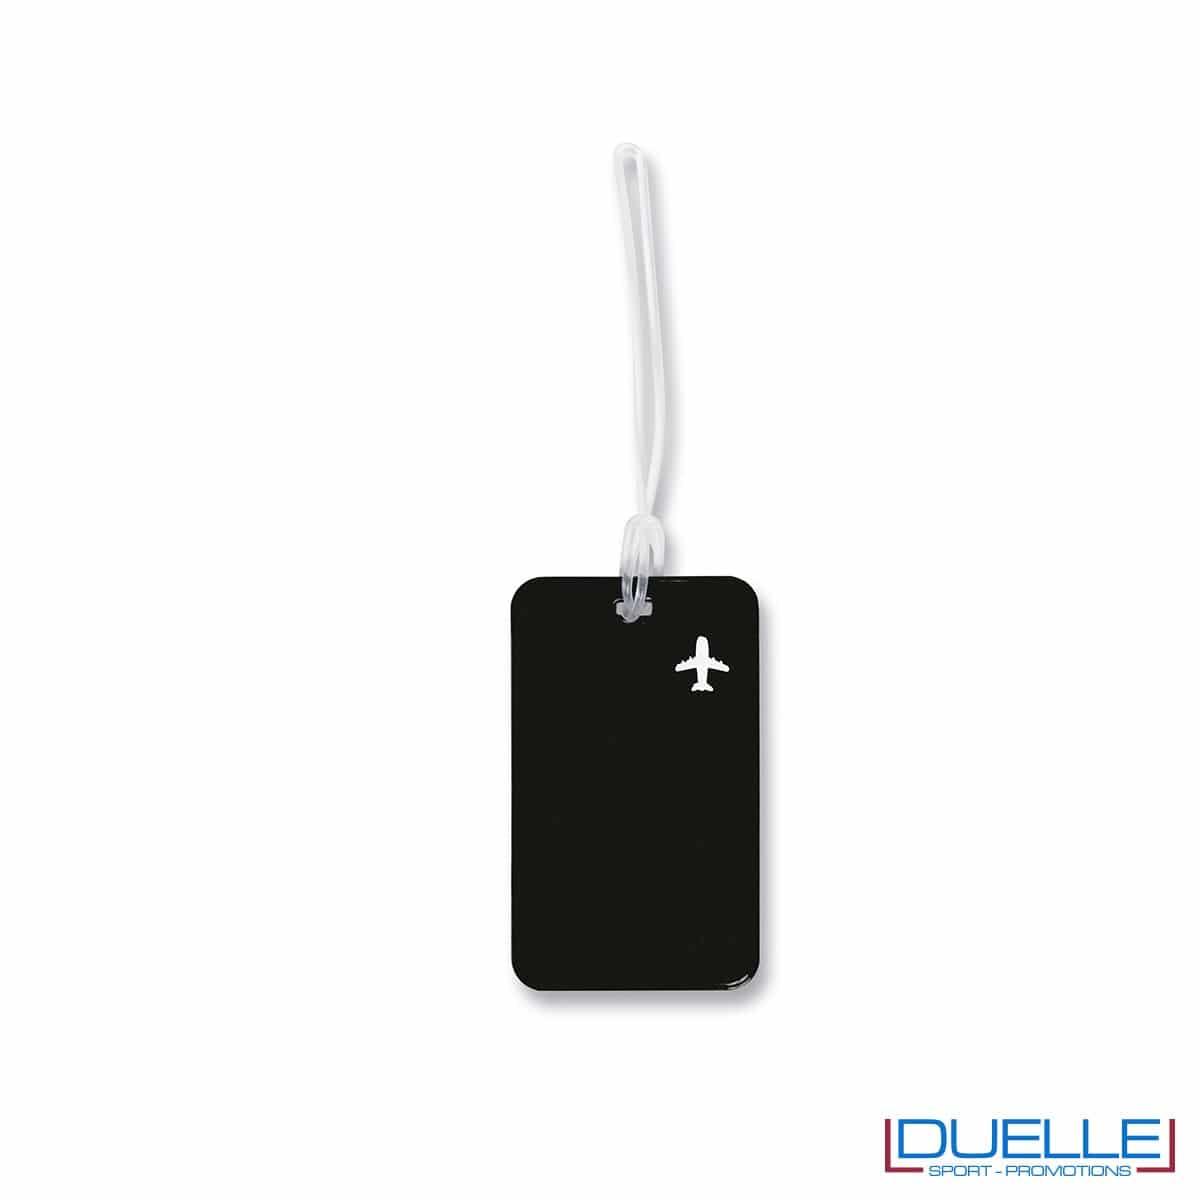 targhetta identificativa personalizzata colore nero, gadget promozionale viaggi